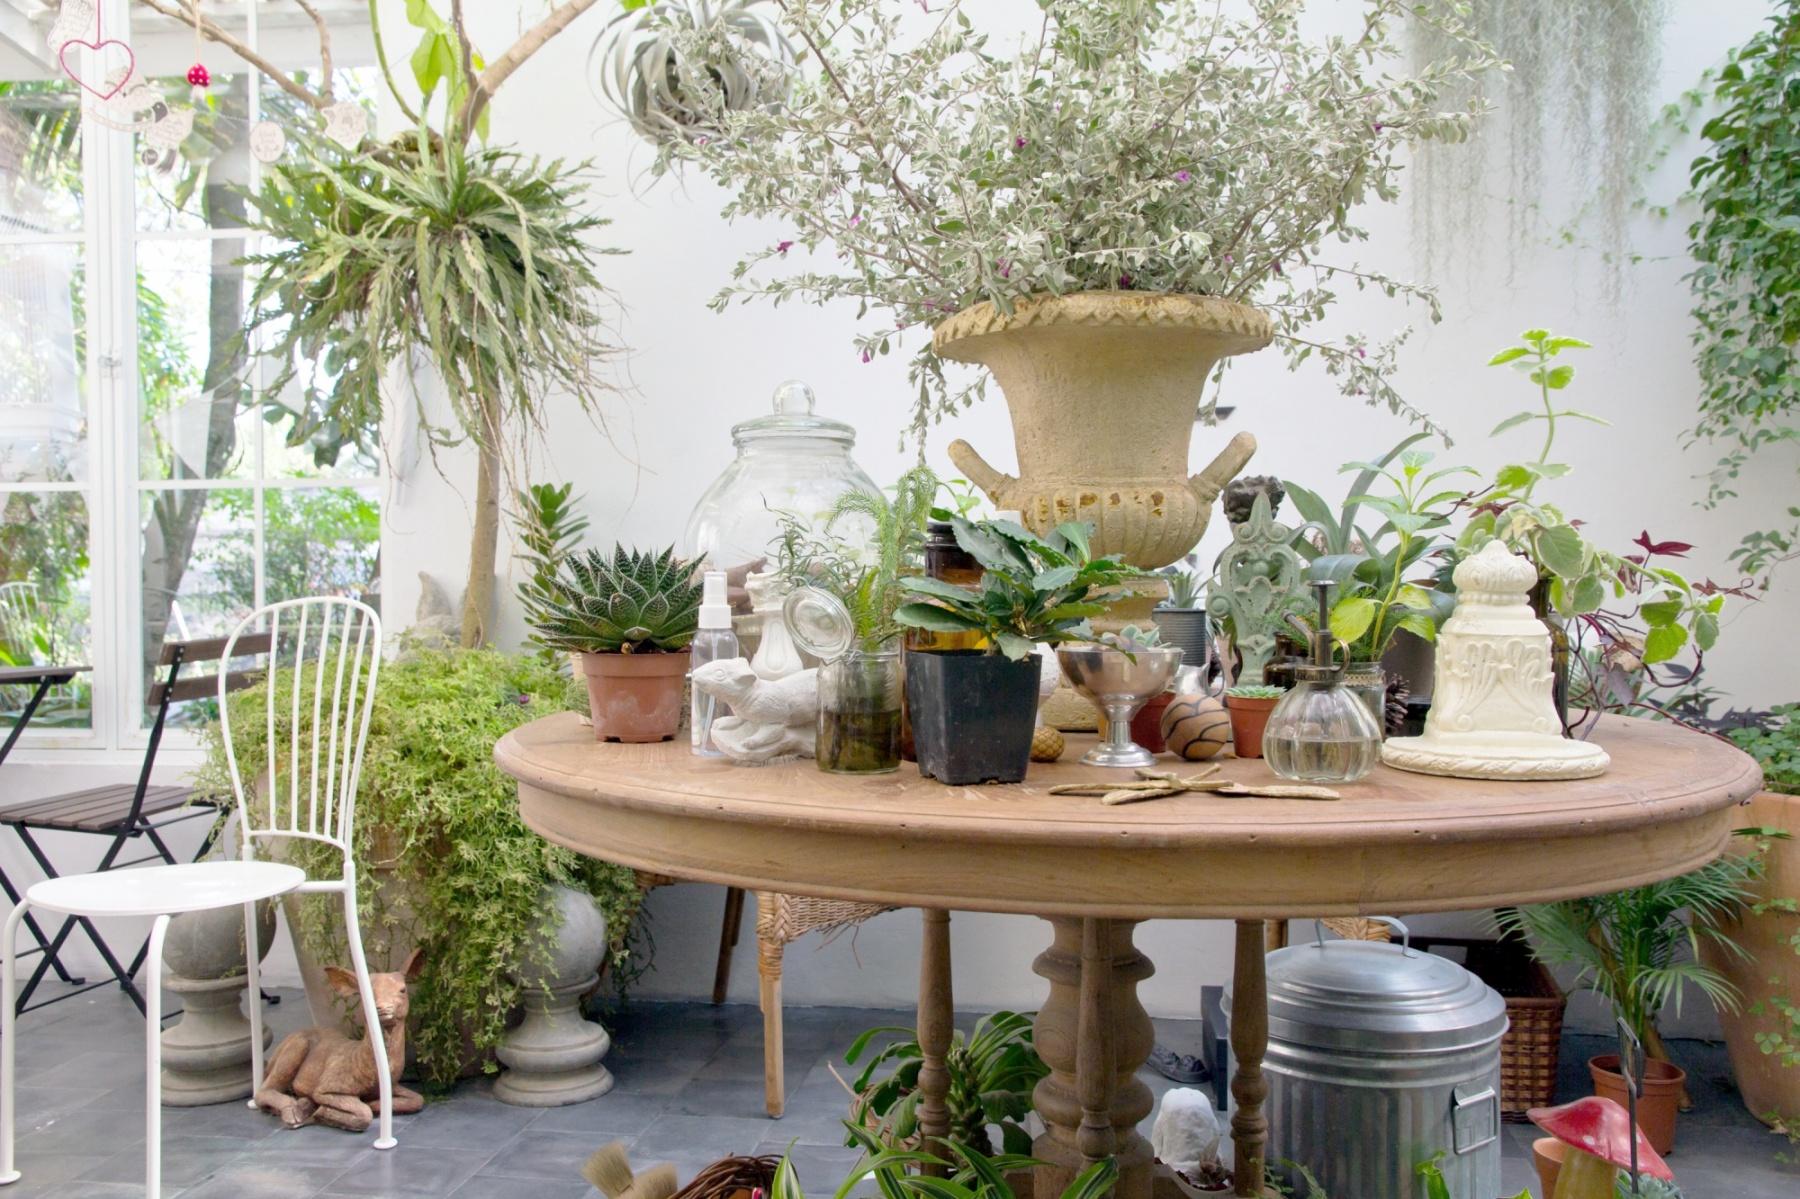 Le Jardin Du0027hiver Permet De Protéger Les Plantes Les Plus Fragiles Du Froid  Et